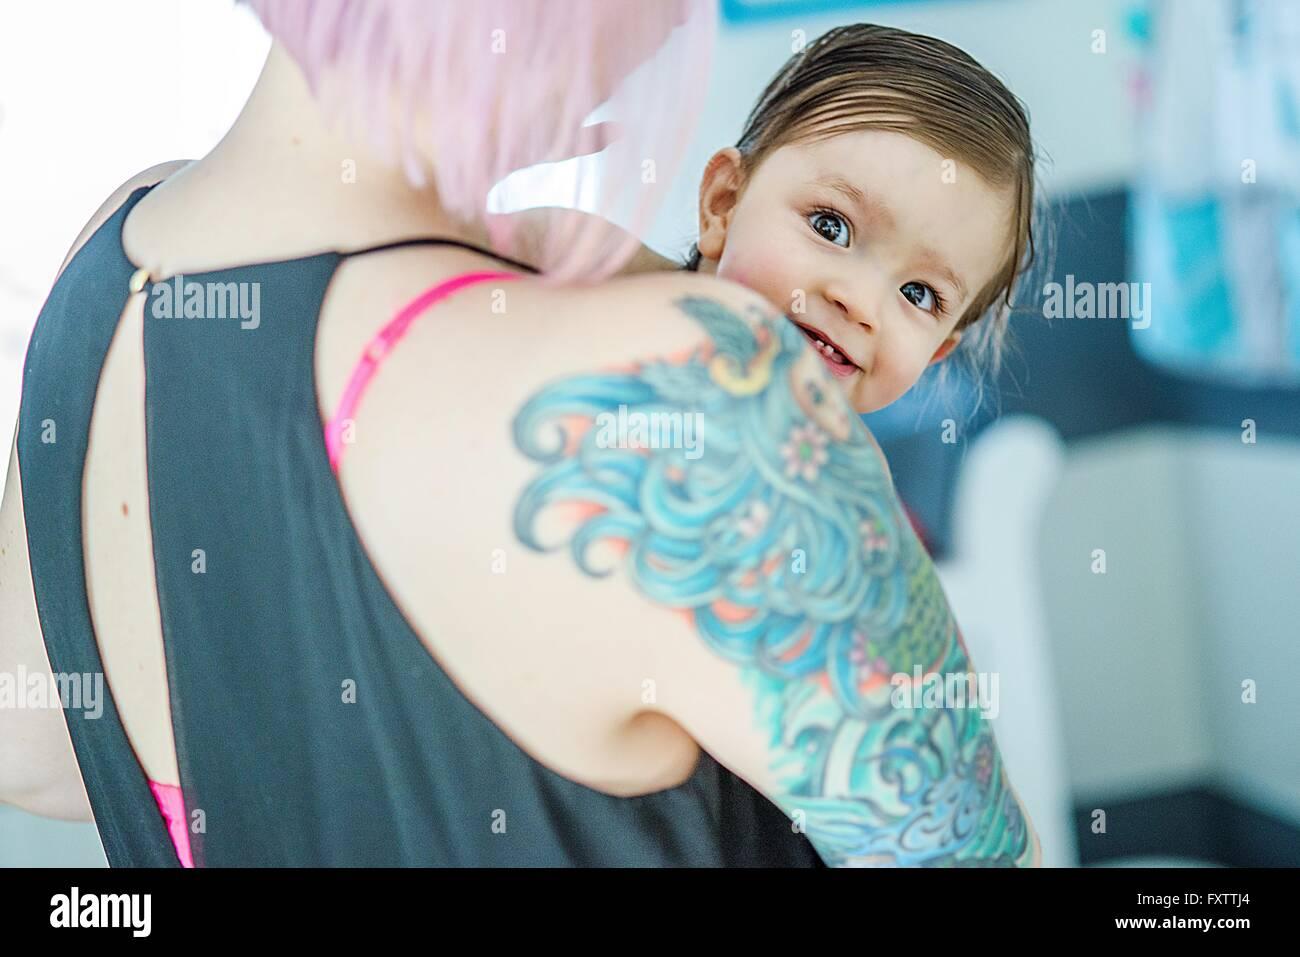 Ritratto di baby boy peeking oltre il suo madri tattoed spallamento Immagini Stock